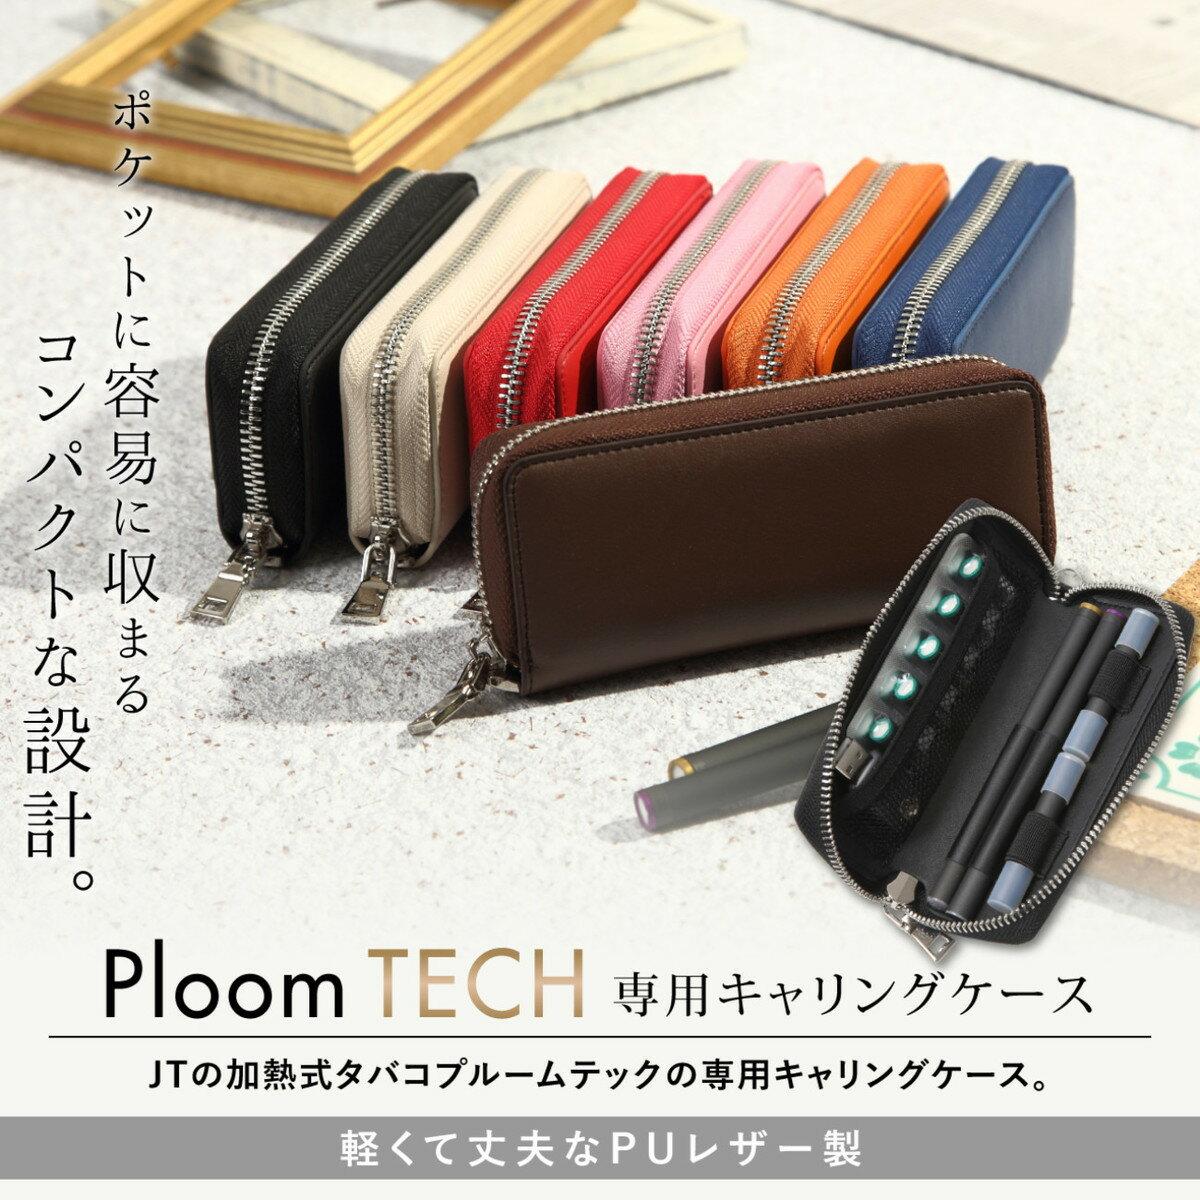 【送料無料】プルームテック PloomTECH PUレザー ケース 2本収納 超コンパクト オールインワン 電子タバコ FLEVO VITAFUL ビタフル C-Tec DUO 互換ロングバッテリー対応